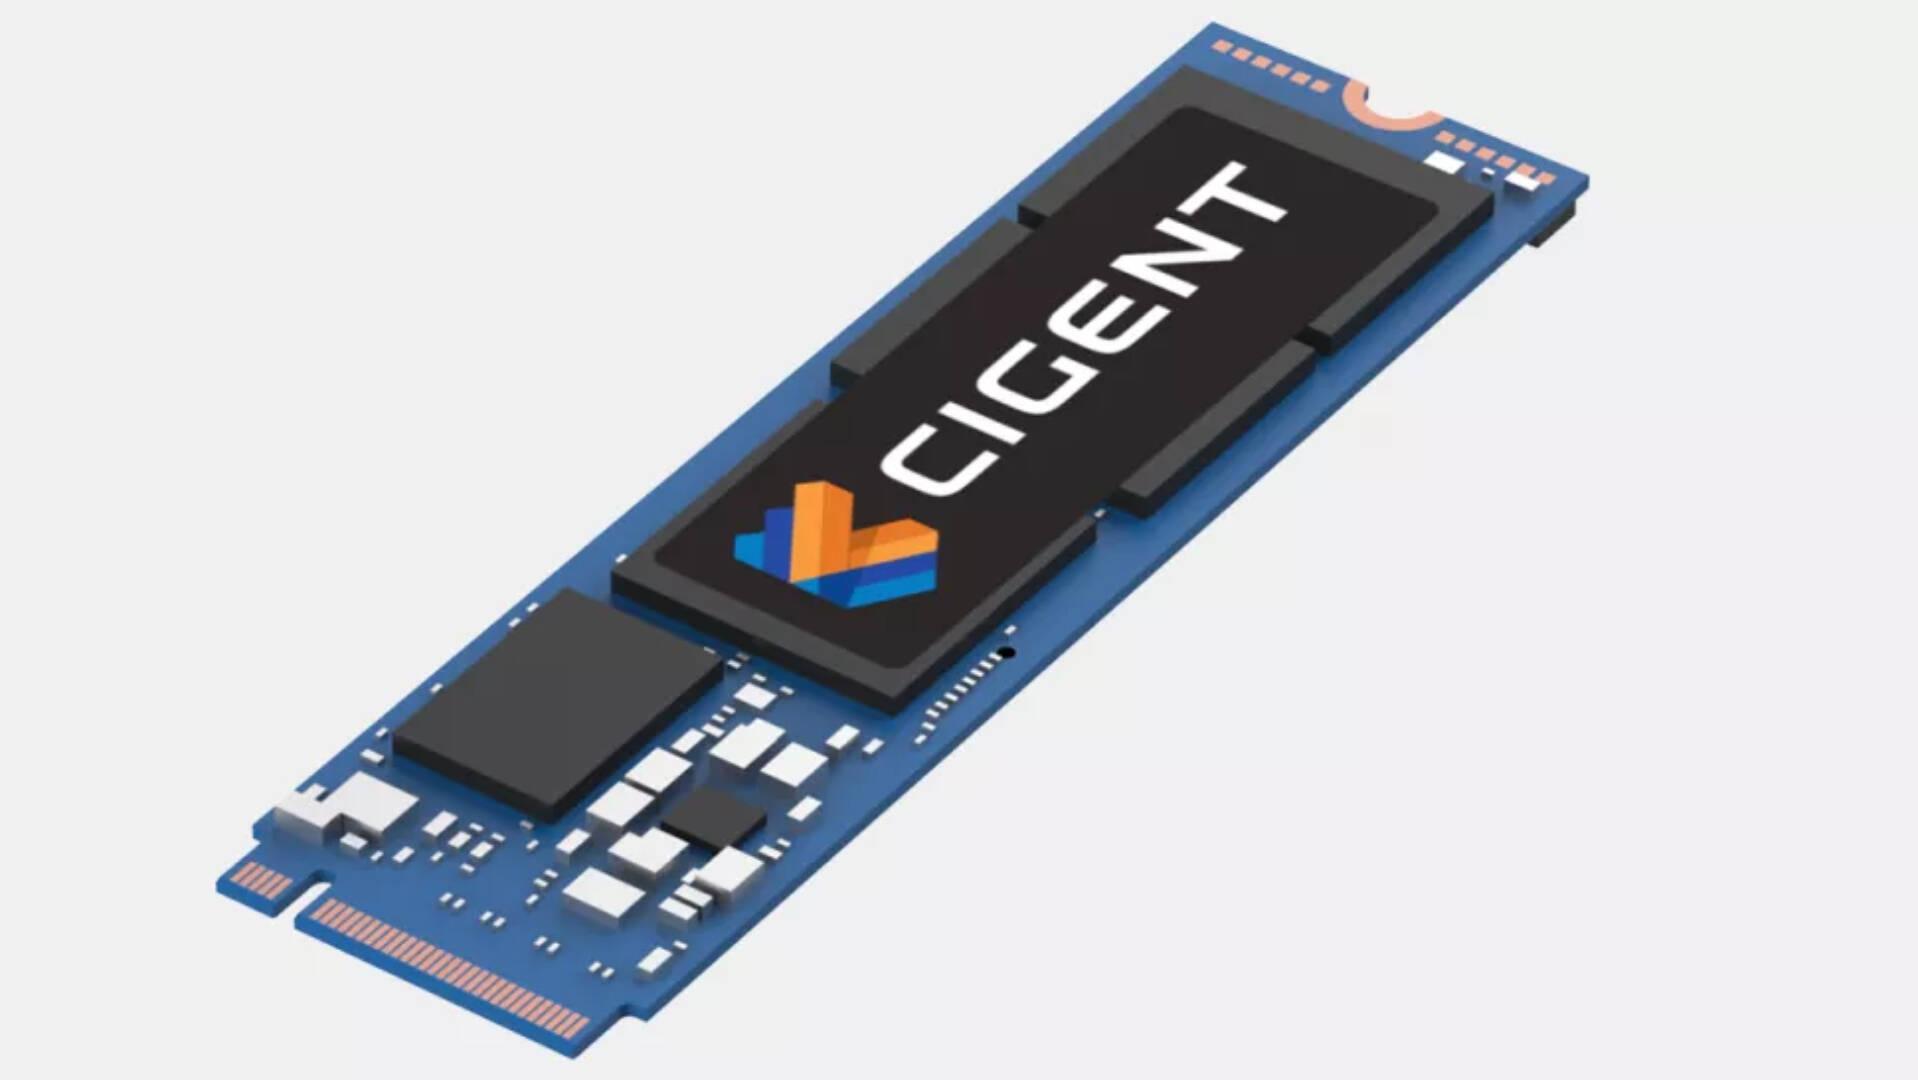 Phison Cigent Secure SSD